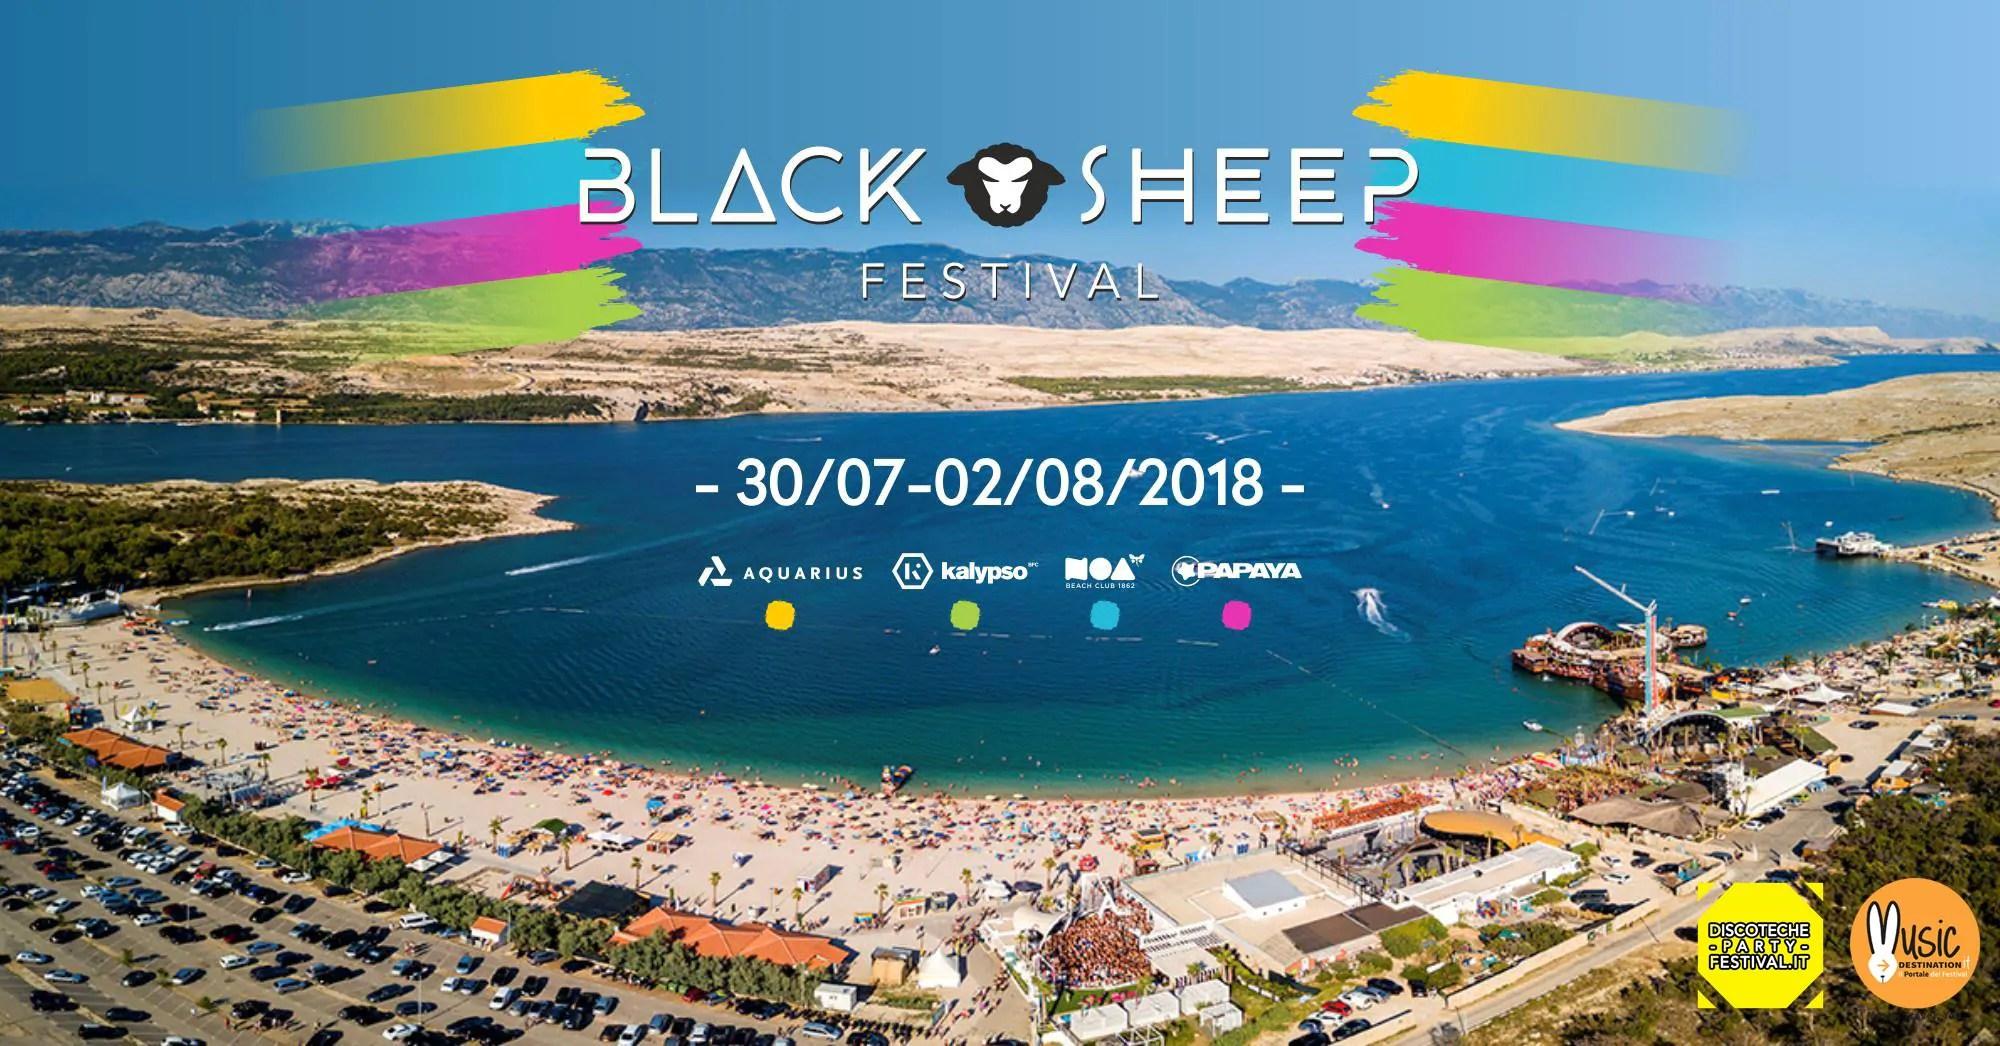 Black sheep Festival 2018, 30 Luglio – 02 Agosto Pag Croazia | Ticket – Appartamenti – Viaggio